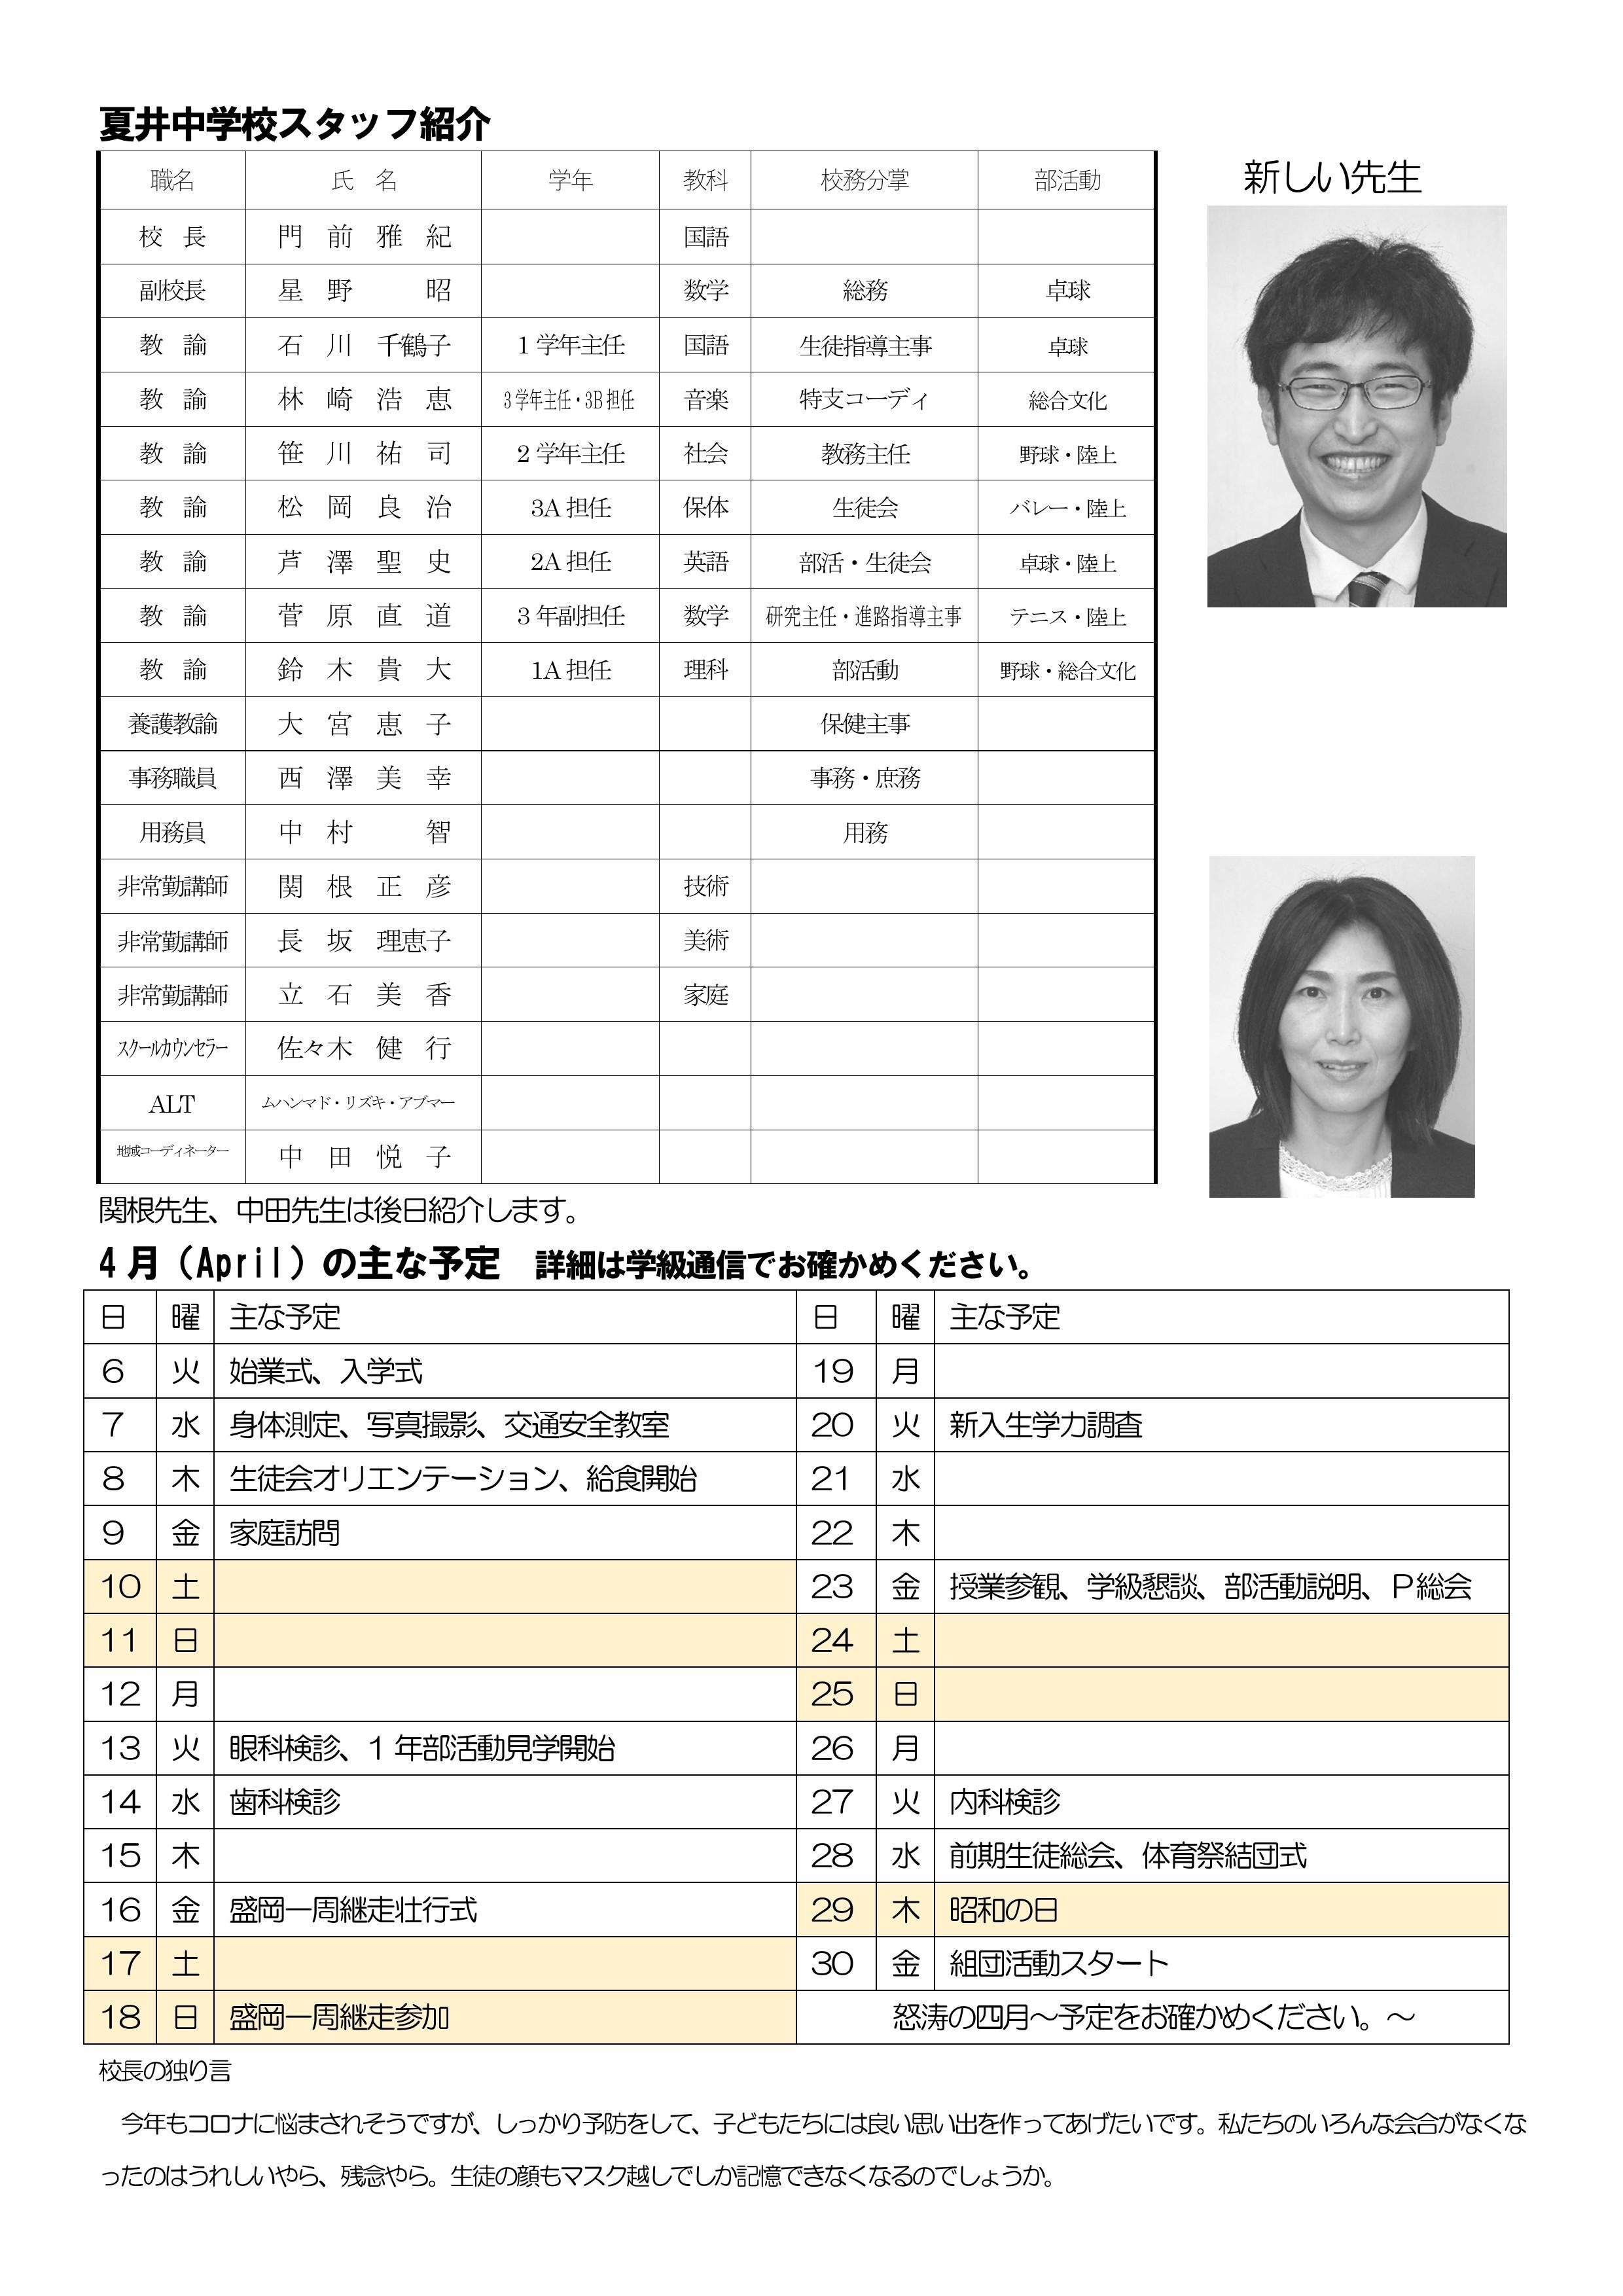 夏井中だより(4月号)2ページ